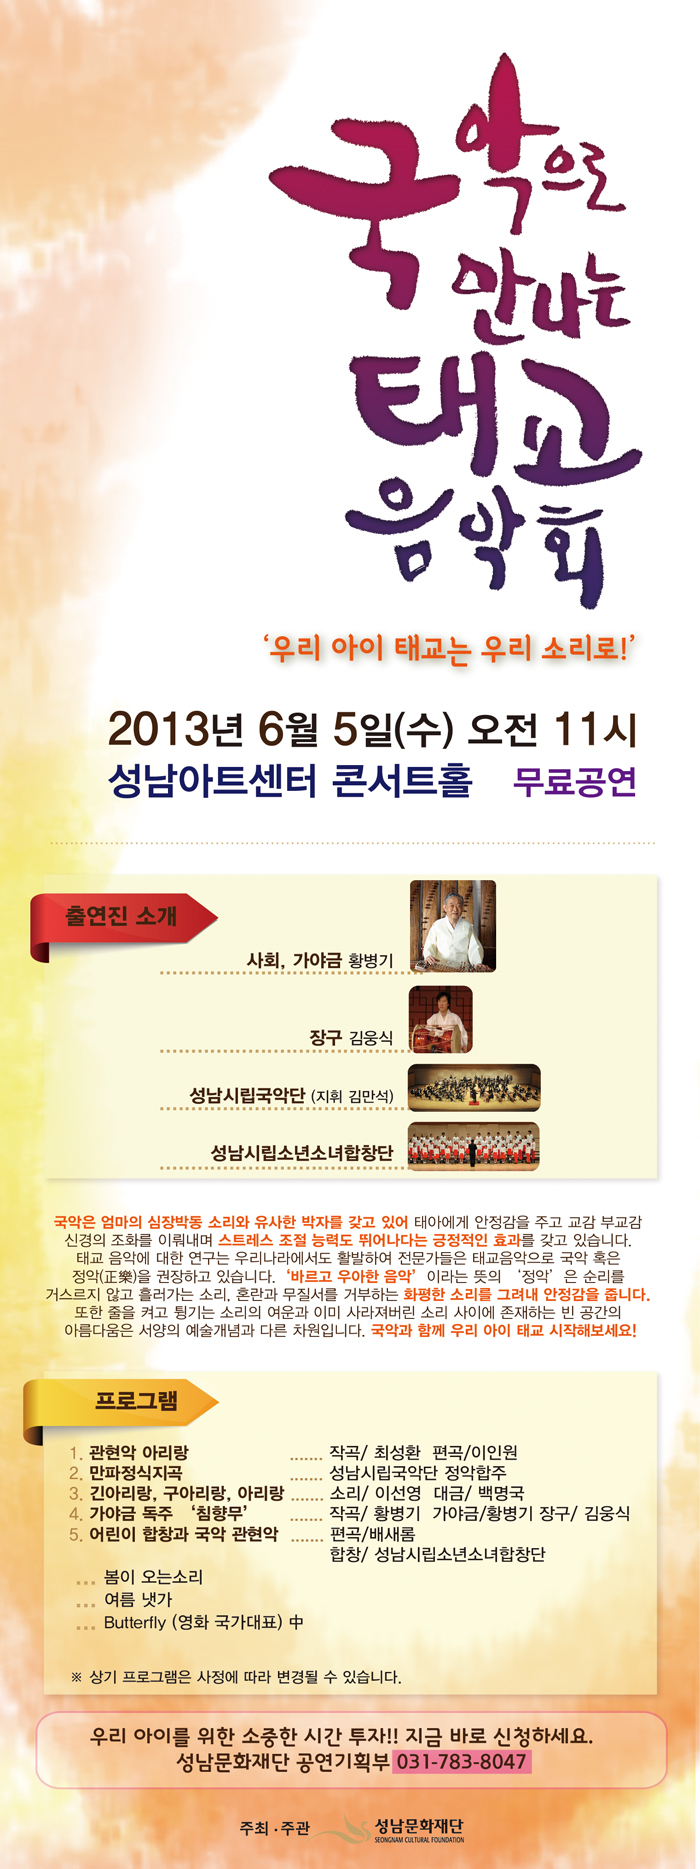 태교 음악회 포스터